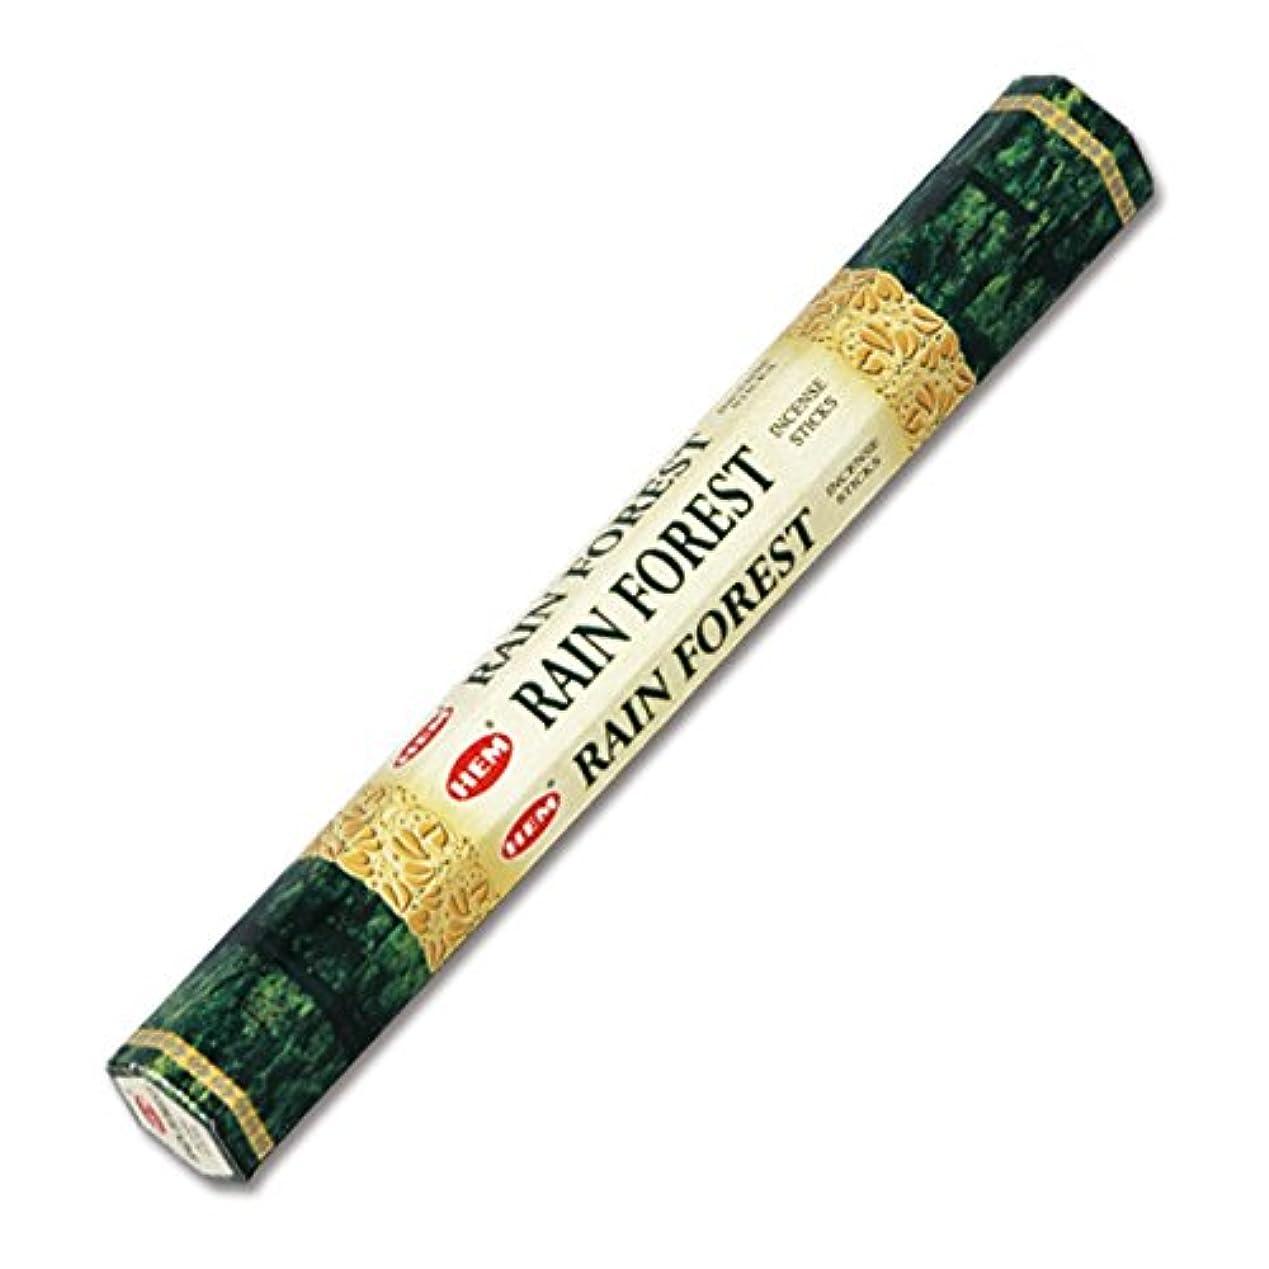 酸っぱい過激派リネンHEM(ヘム) レインフォレスト RAIN FOREST スティックタイプ お香 1筒 単品 [並行輸入品]